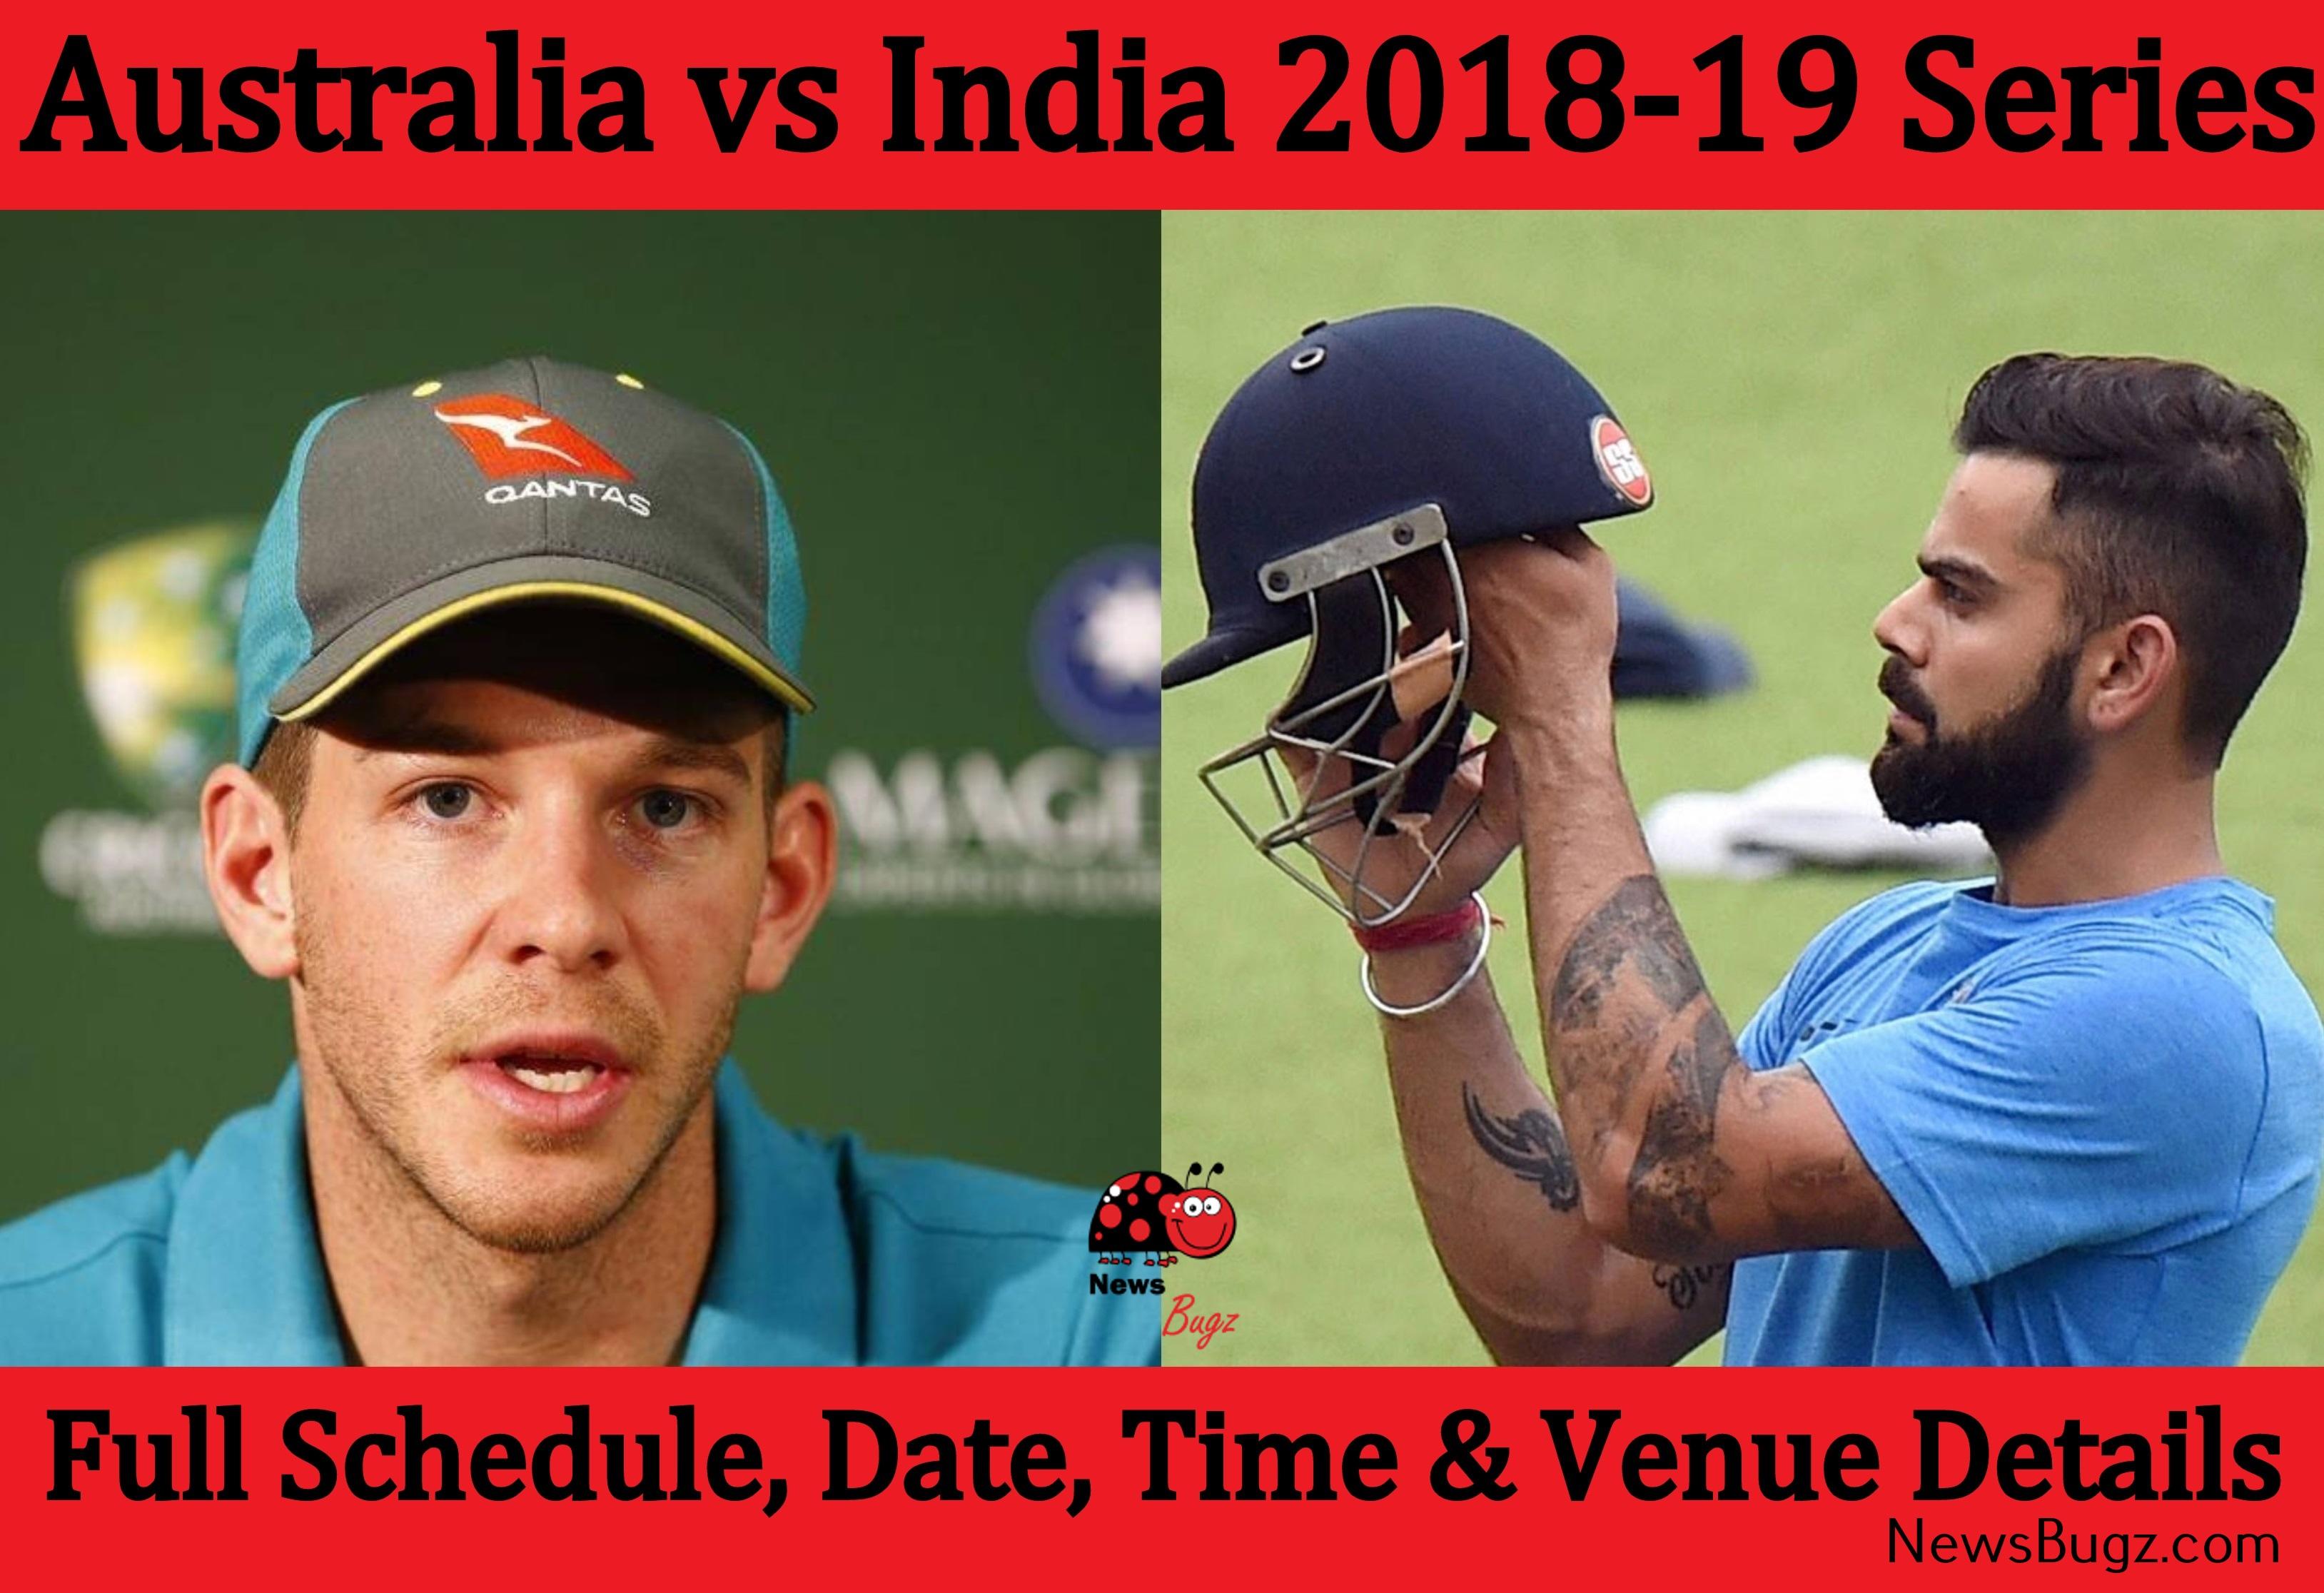 Australia vs India 2018-19 Series